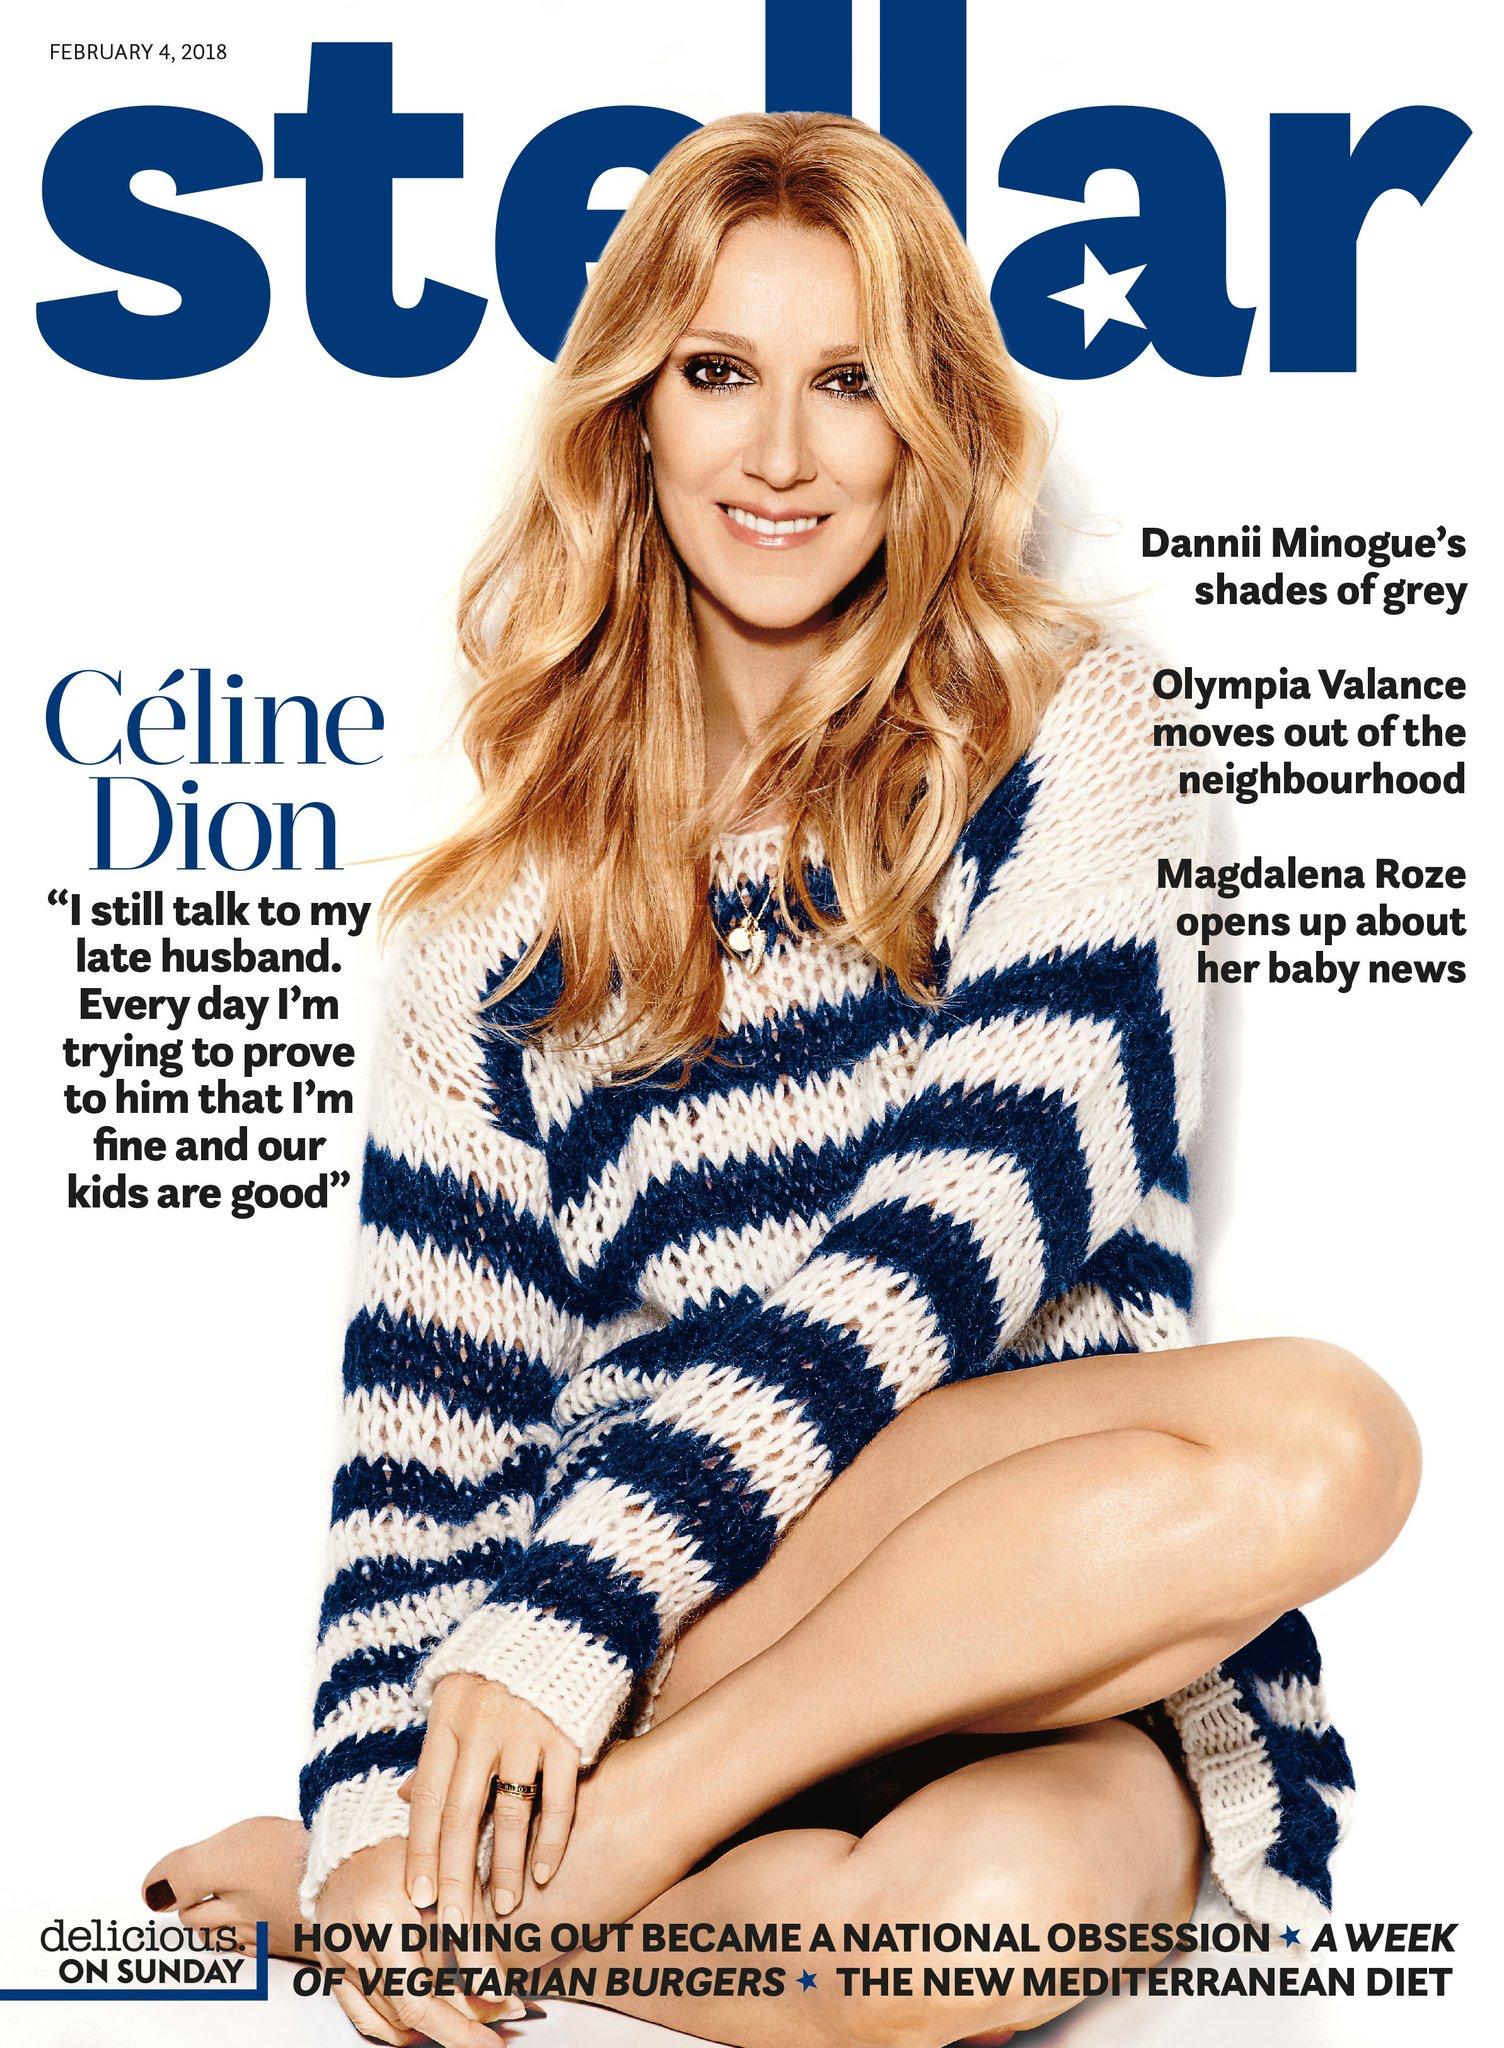 Pin By Francine Belanger On I Love Celine Dion Celine Dion Celine Celine Deon